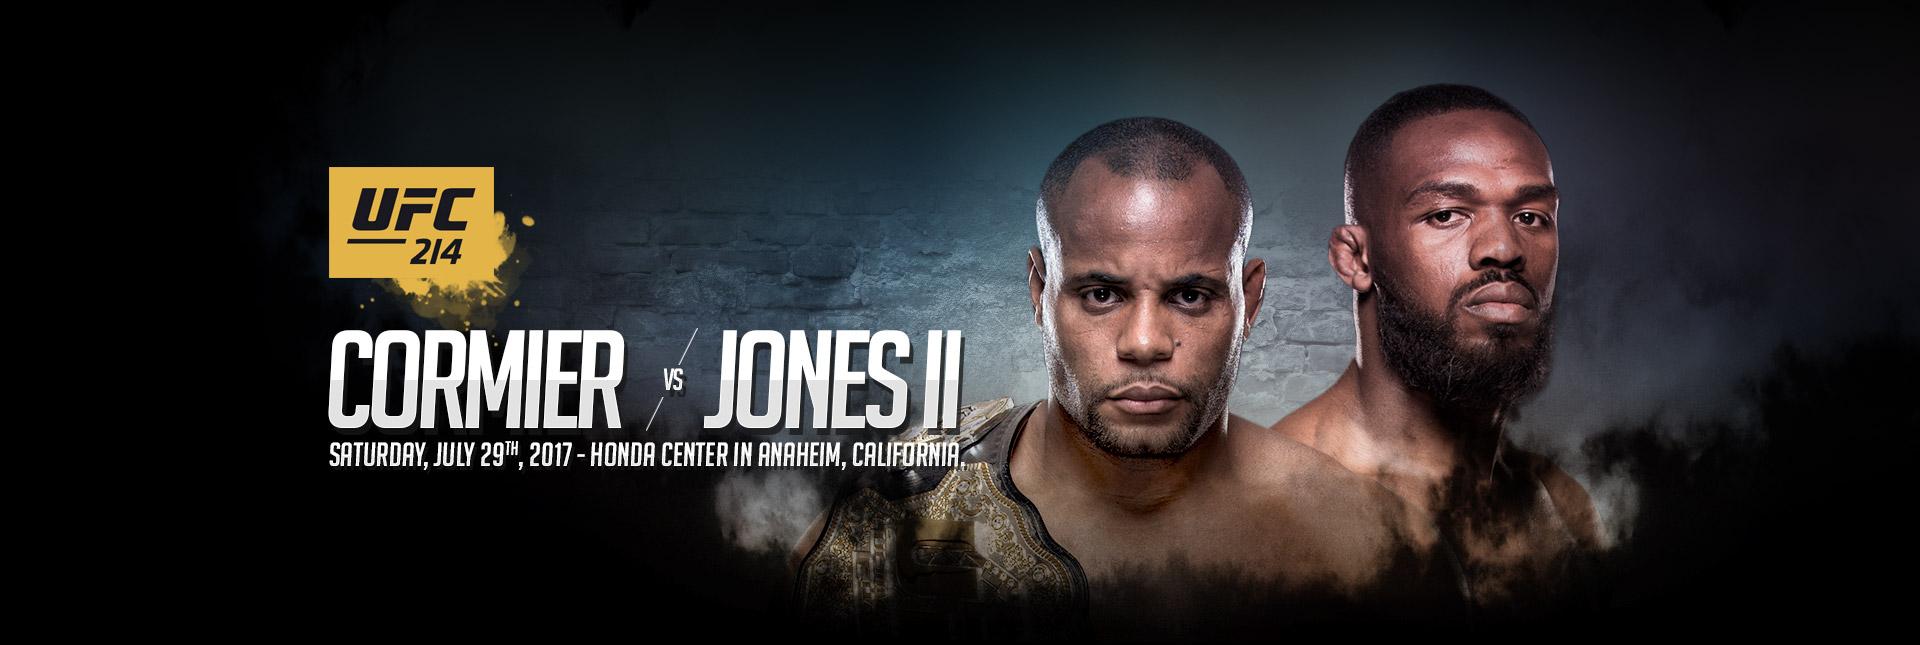 Cormier vs. Jones 2 - UFC 214